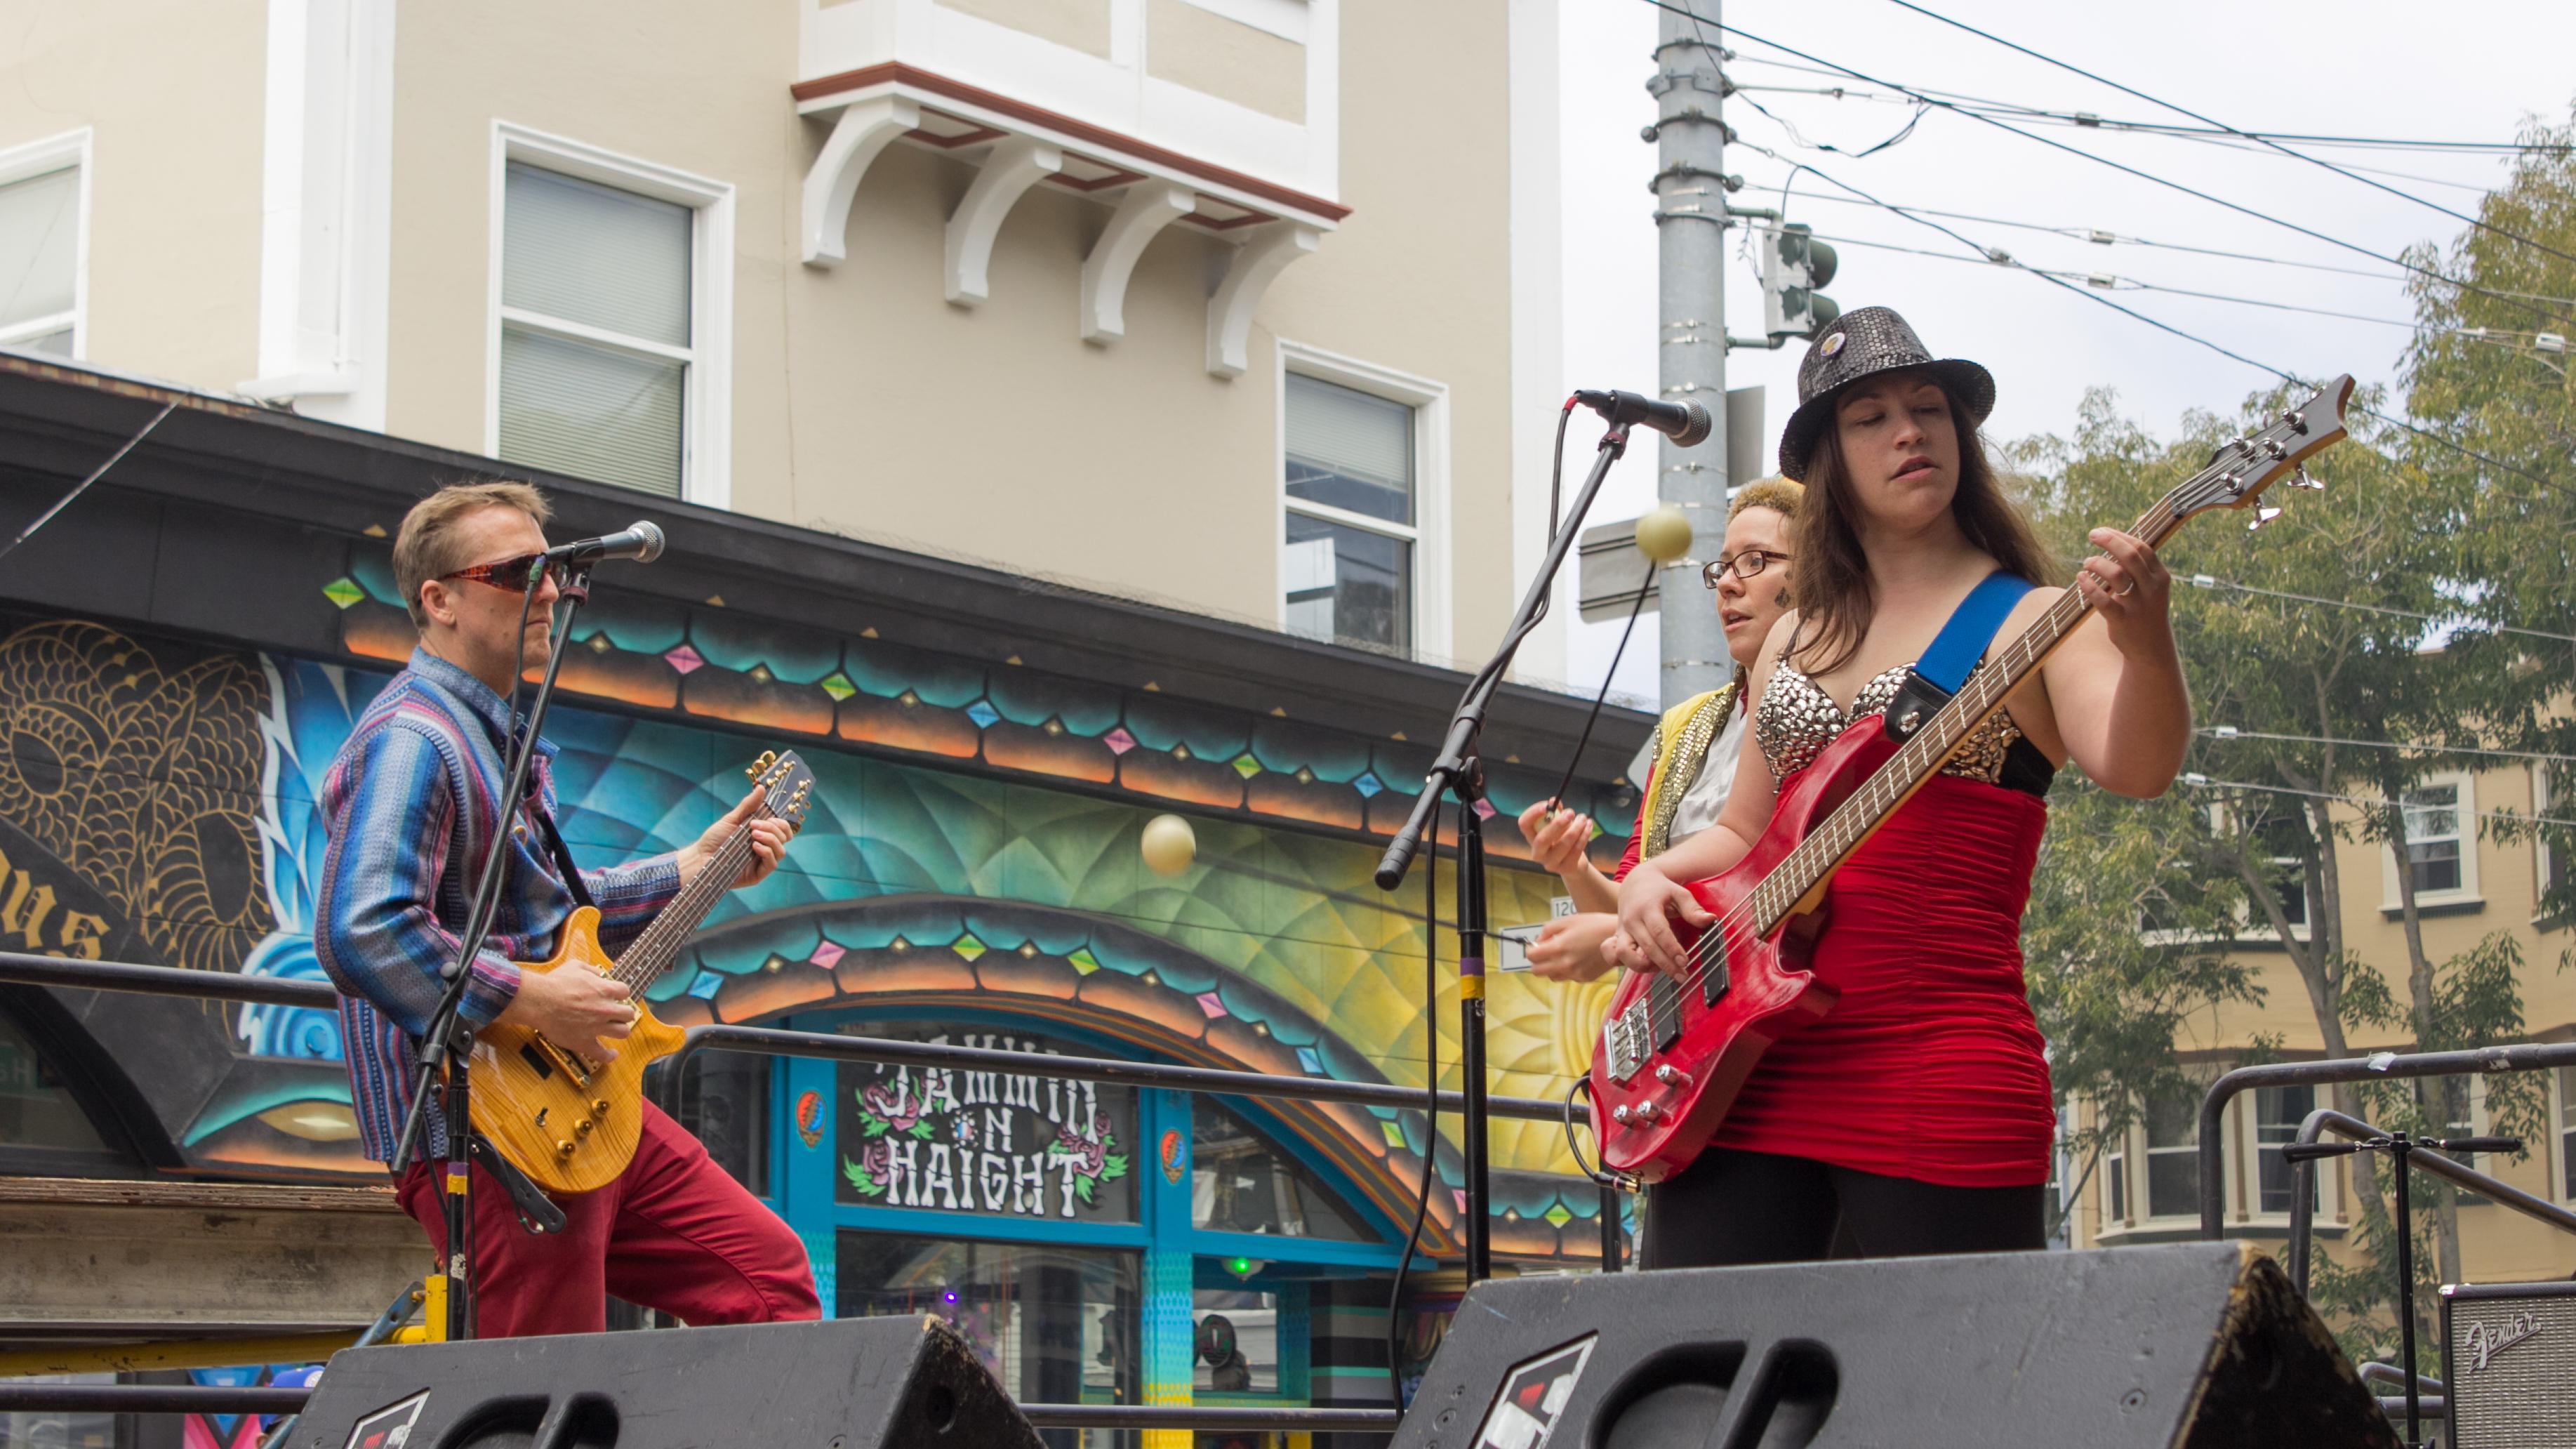 The Wyatt Act - Haight Ashbury Street Fair (26 of 46)